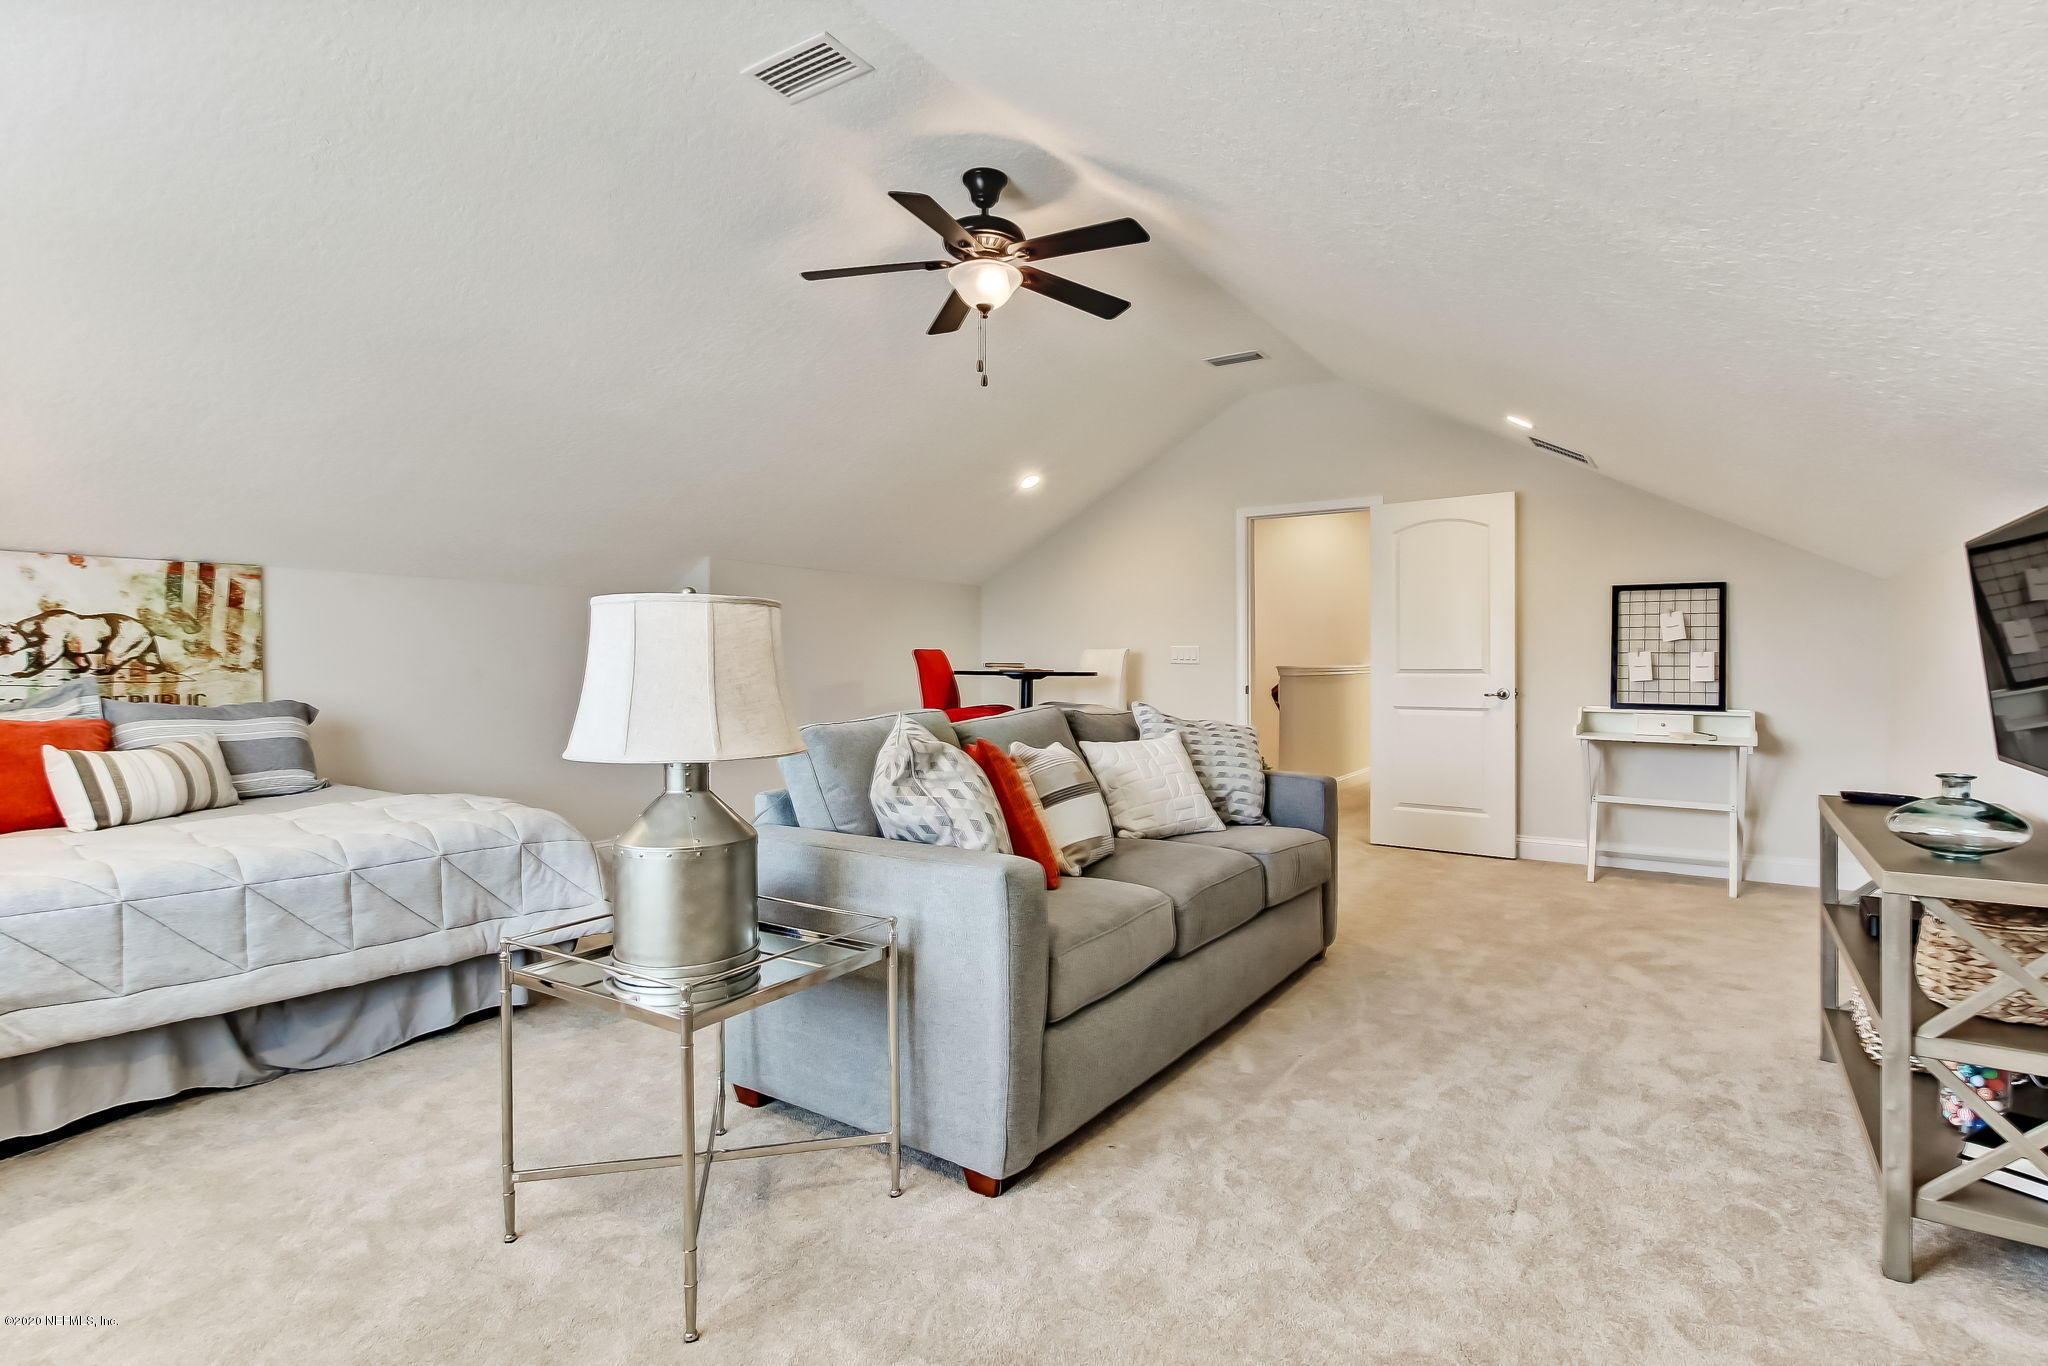 512 PELICAN POINTE, PONTE VEDRA, FLORIDA 32081, 4 Bedrooms Bedrooms, ,2 BathroomsBathrooms,Residential,For sale,PELICAN POINTE,1080736